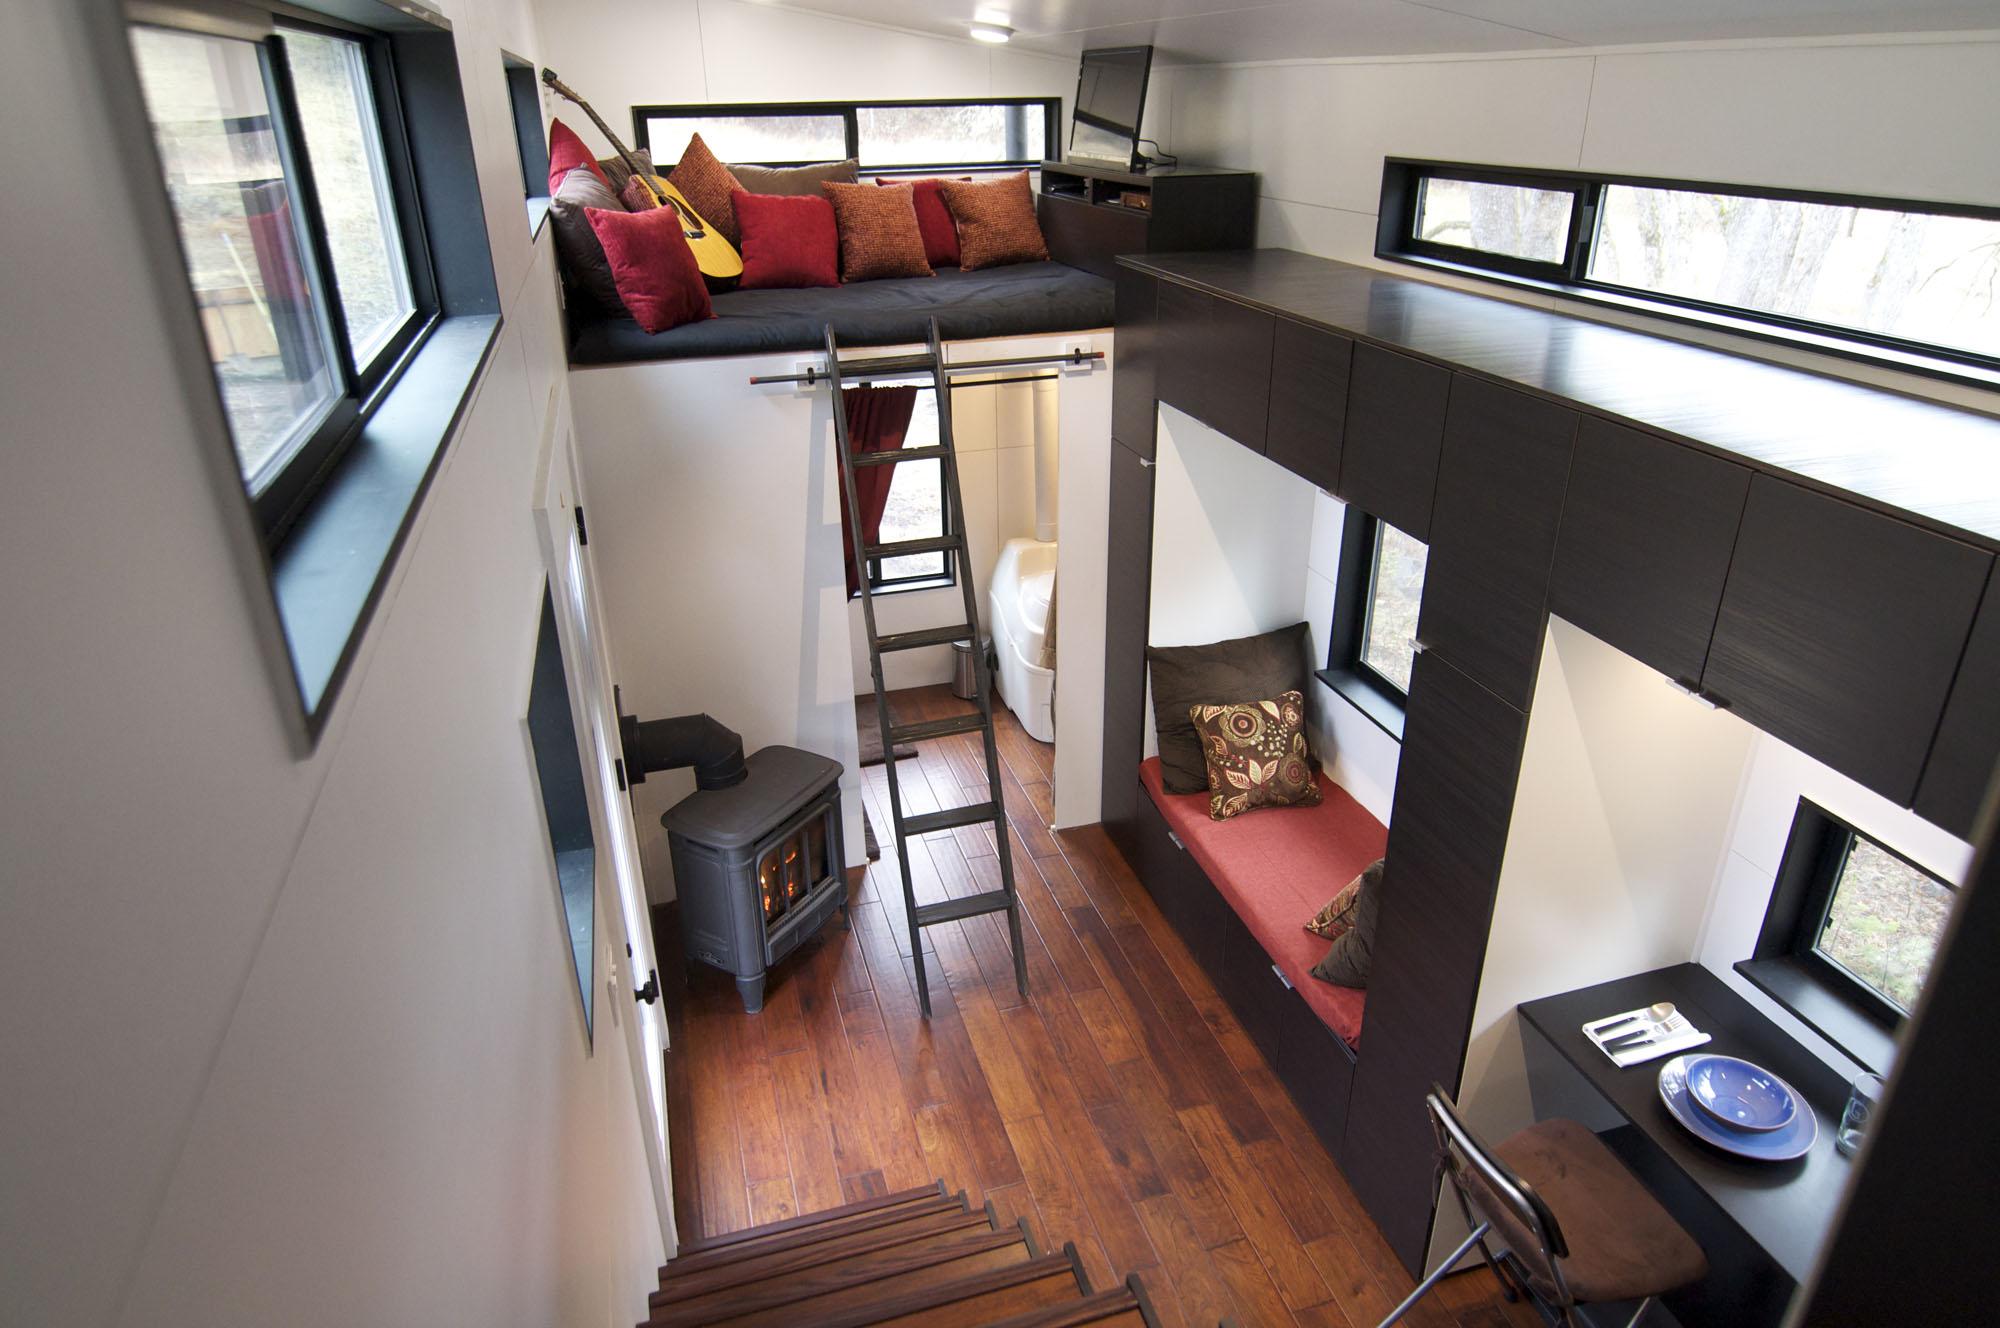 Duurzaam huis bouwen en inrichten voor euro - Kamer kantoor ...